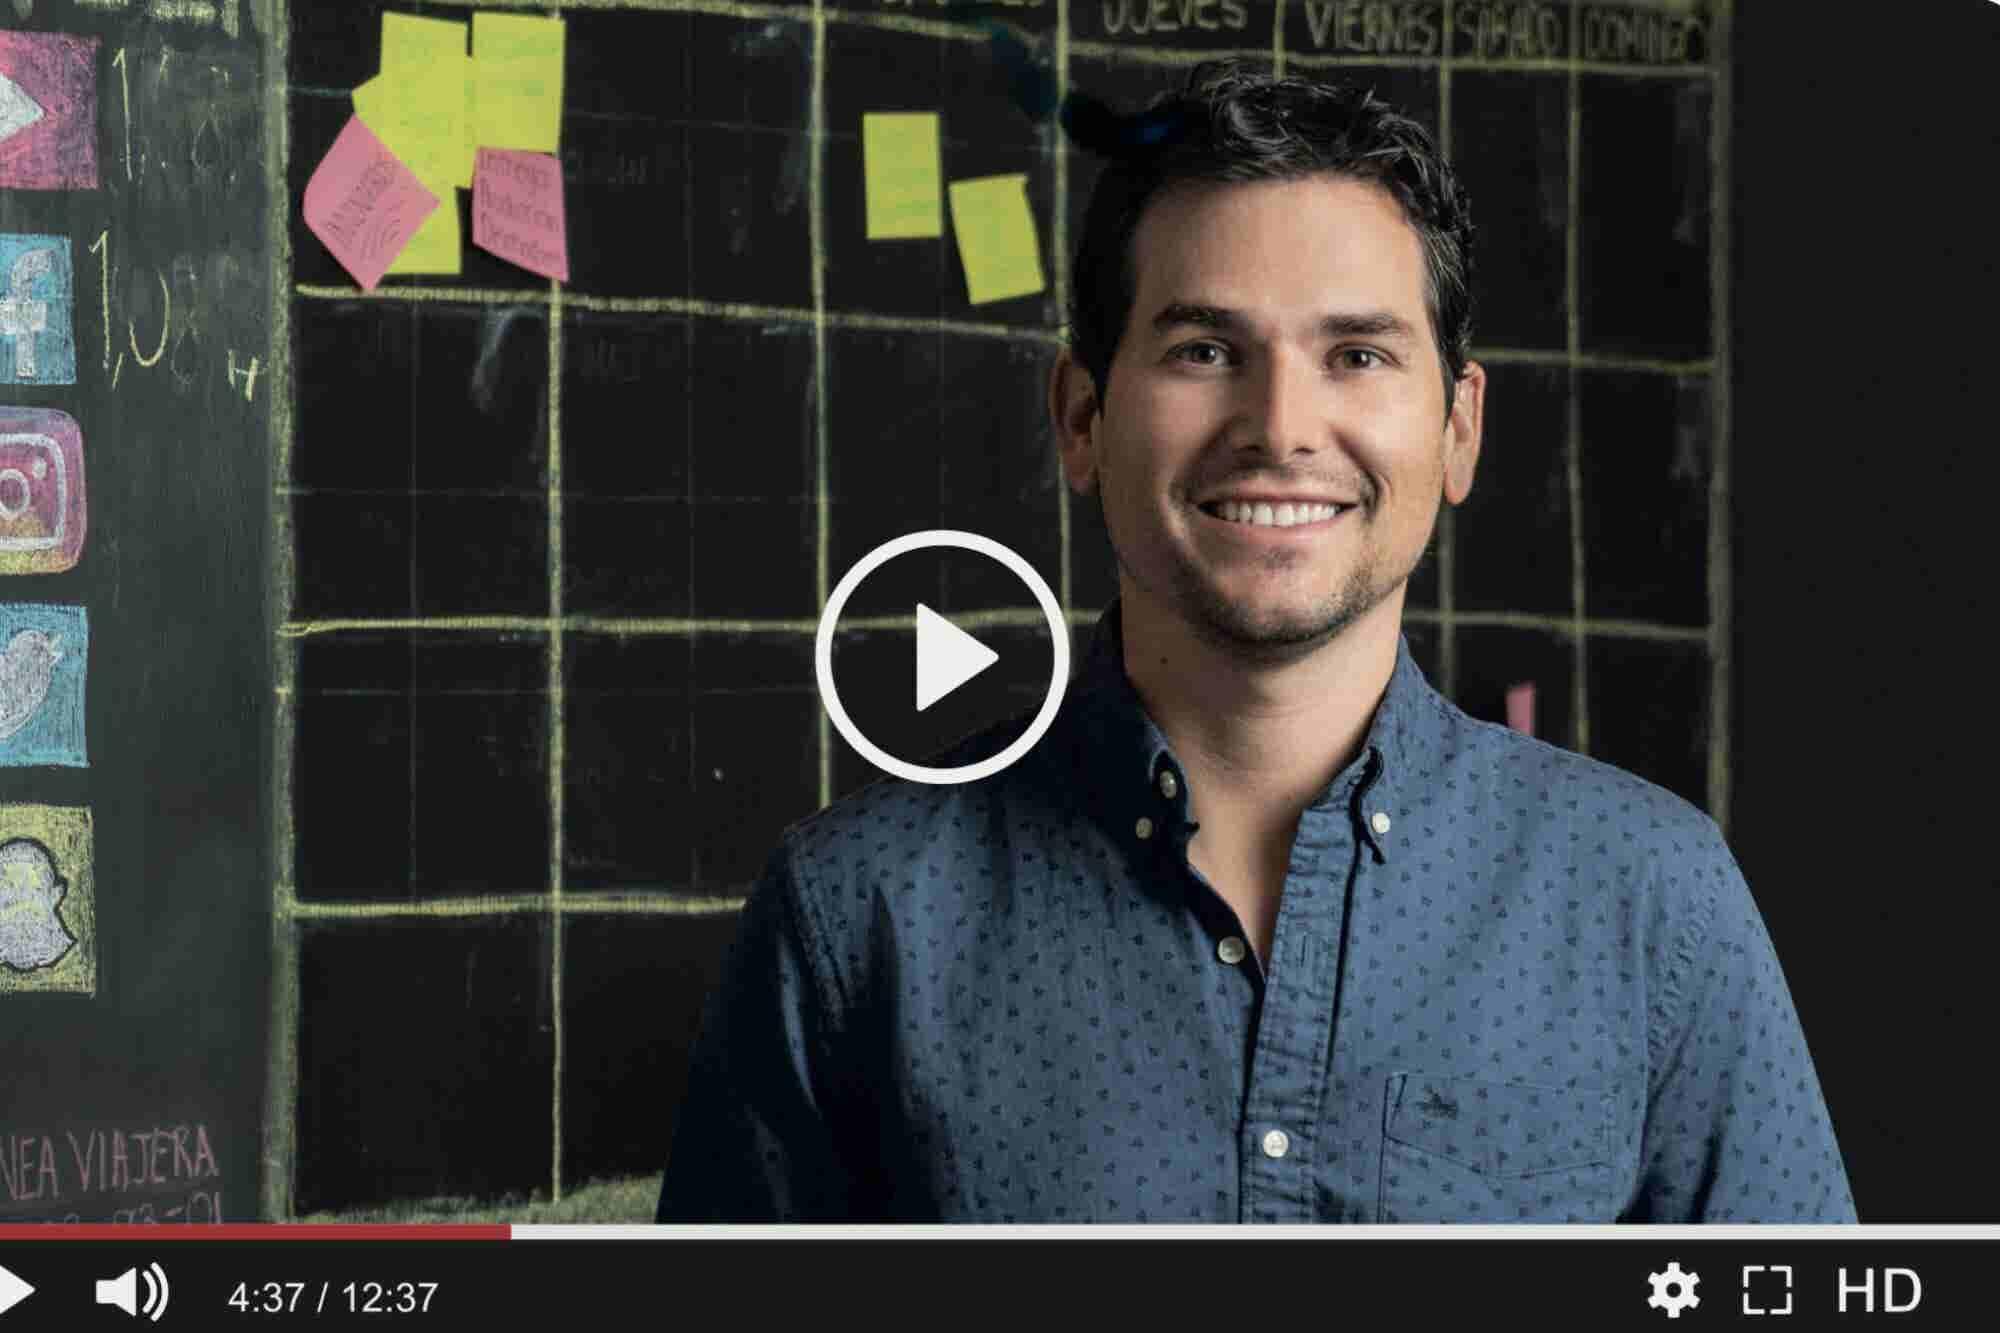 'Alan por el mundo' te dice cómo ganar dinero con tu canal de YouTube